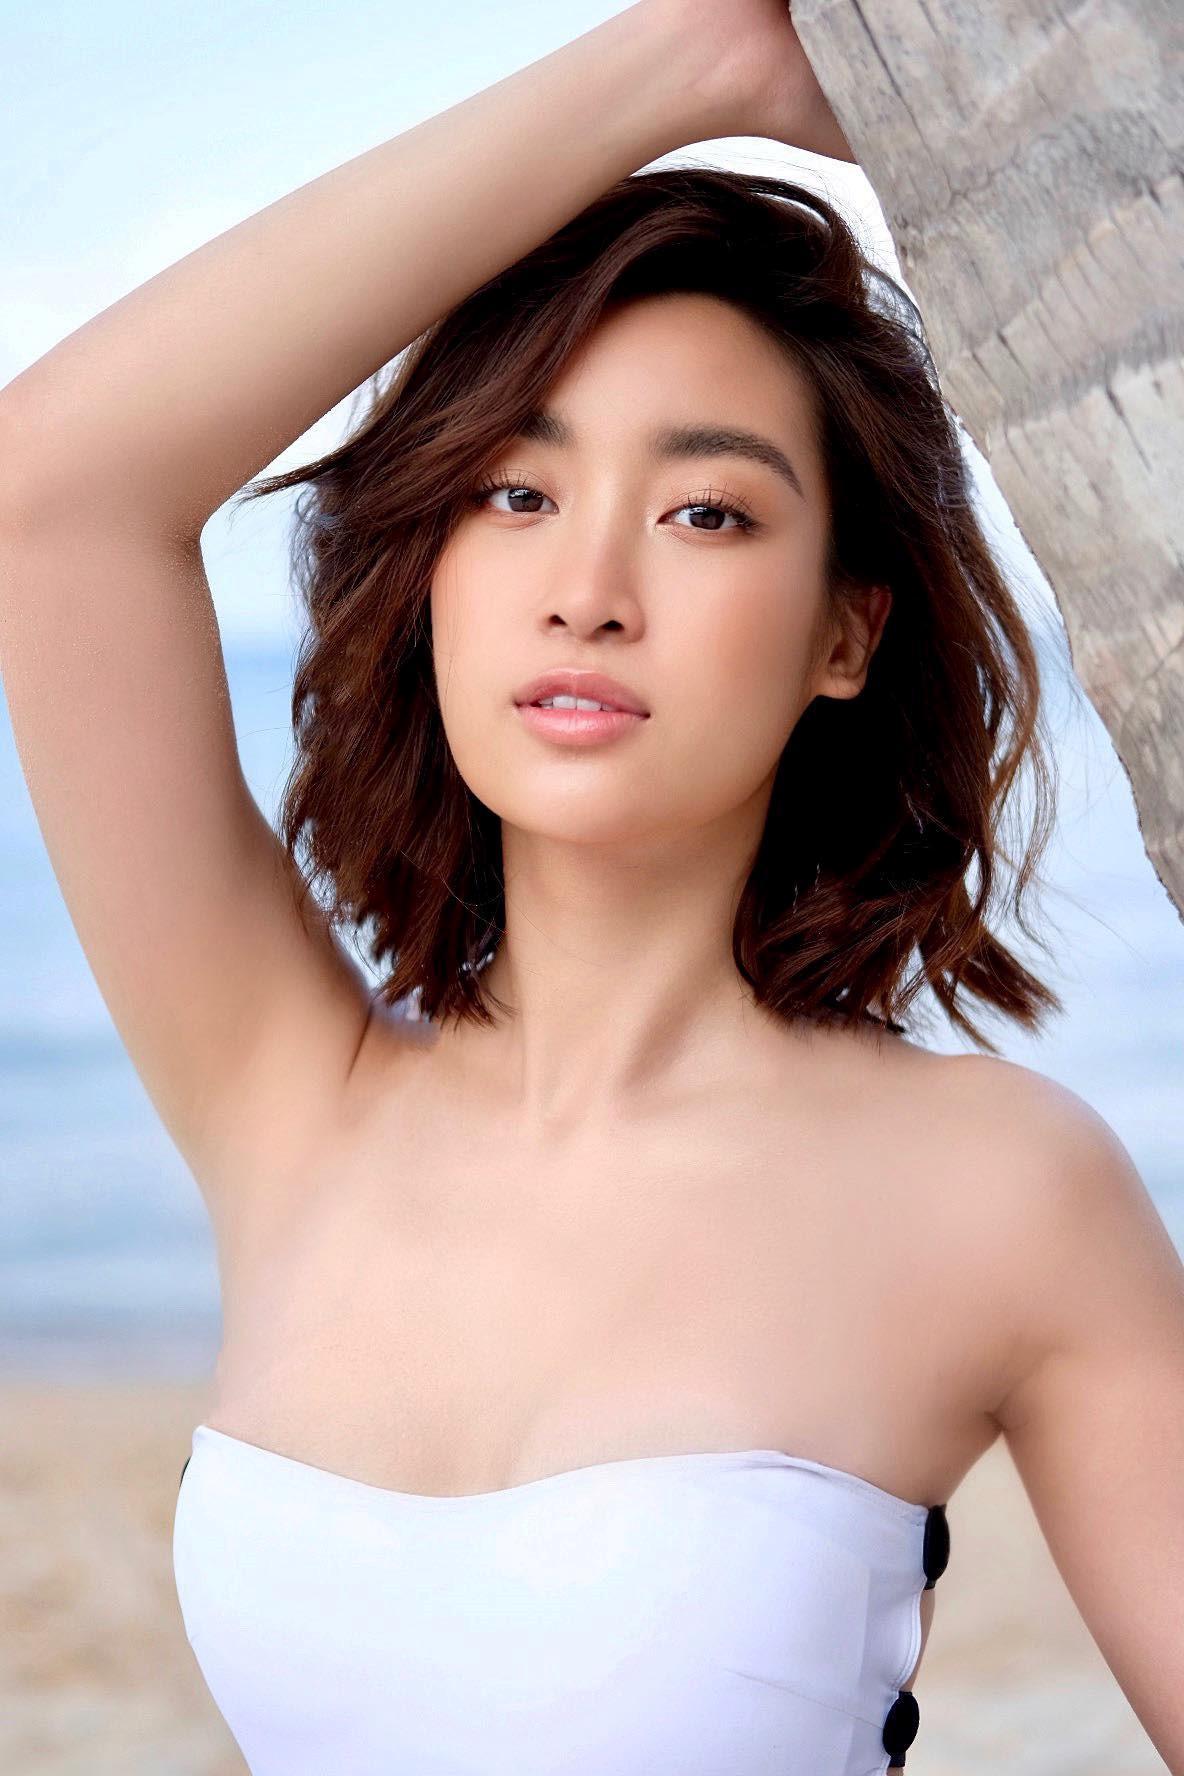 Hoa hậu Đỗ Mỹ Linh khoe vóc dáng gợi cảm với đồ bơi Ảnh 3